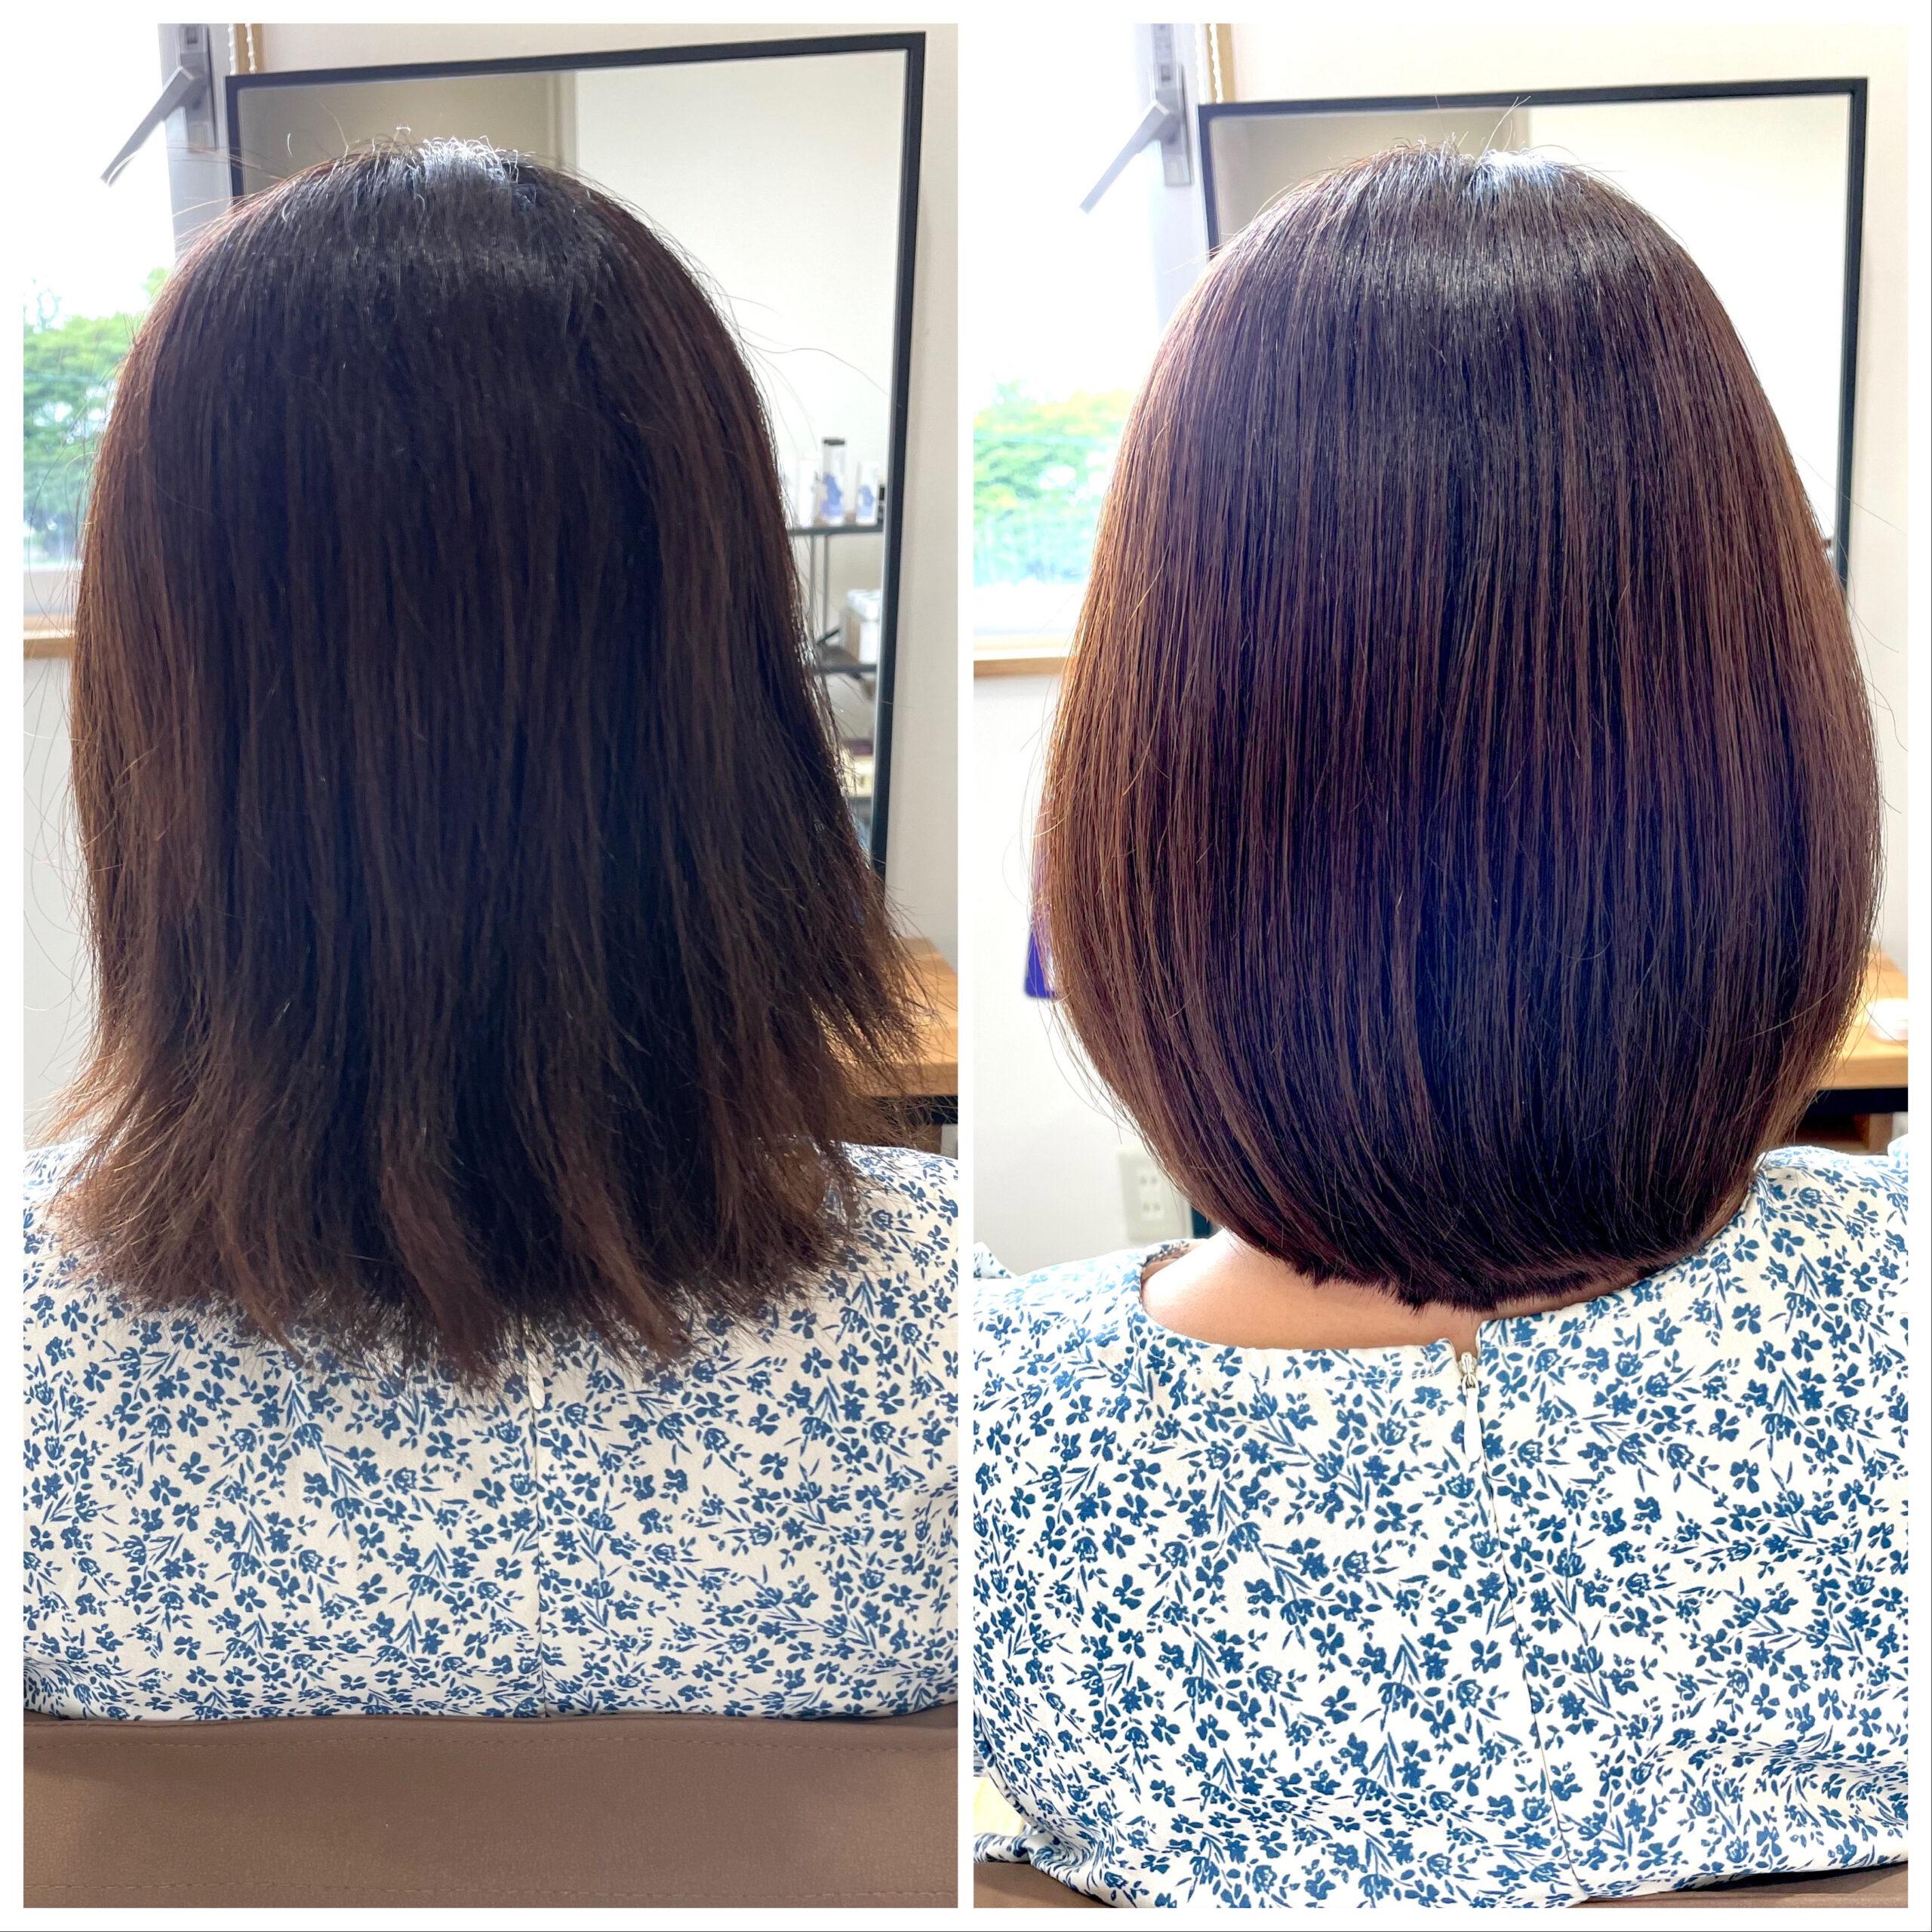 大分県別府市 弱酸性の縮毛矯正とトリートメントでダメージ毛も綺麗なストレートヘア ビフォーアフター